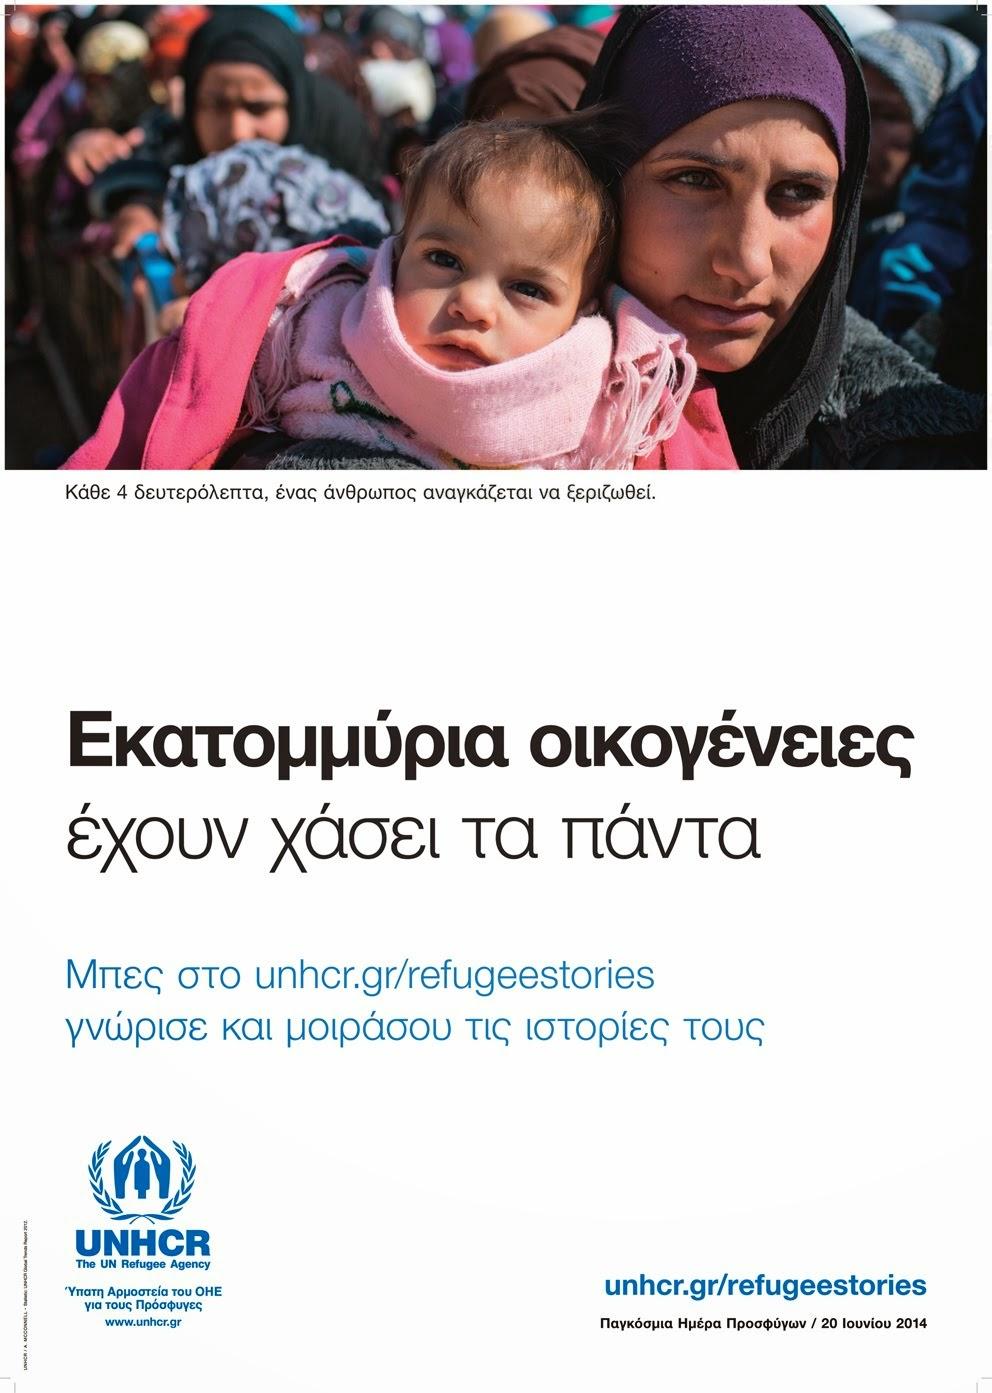 Παγκόσμια Ημέρα των Προσφύγων